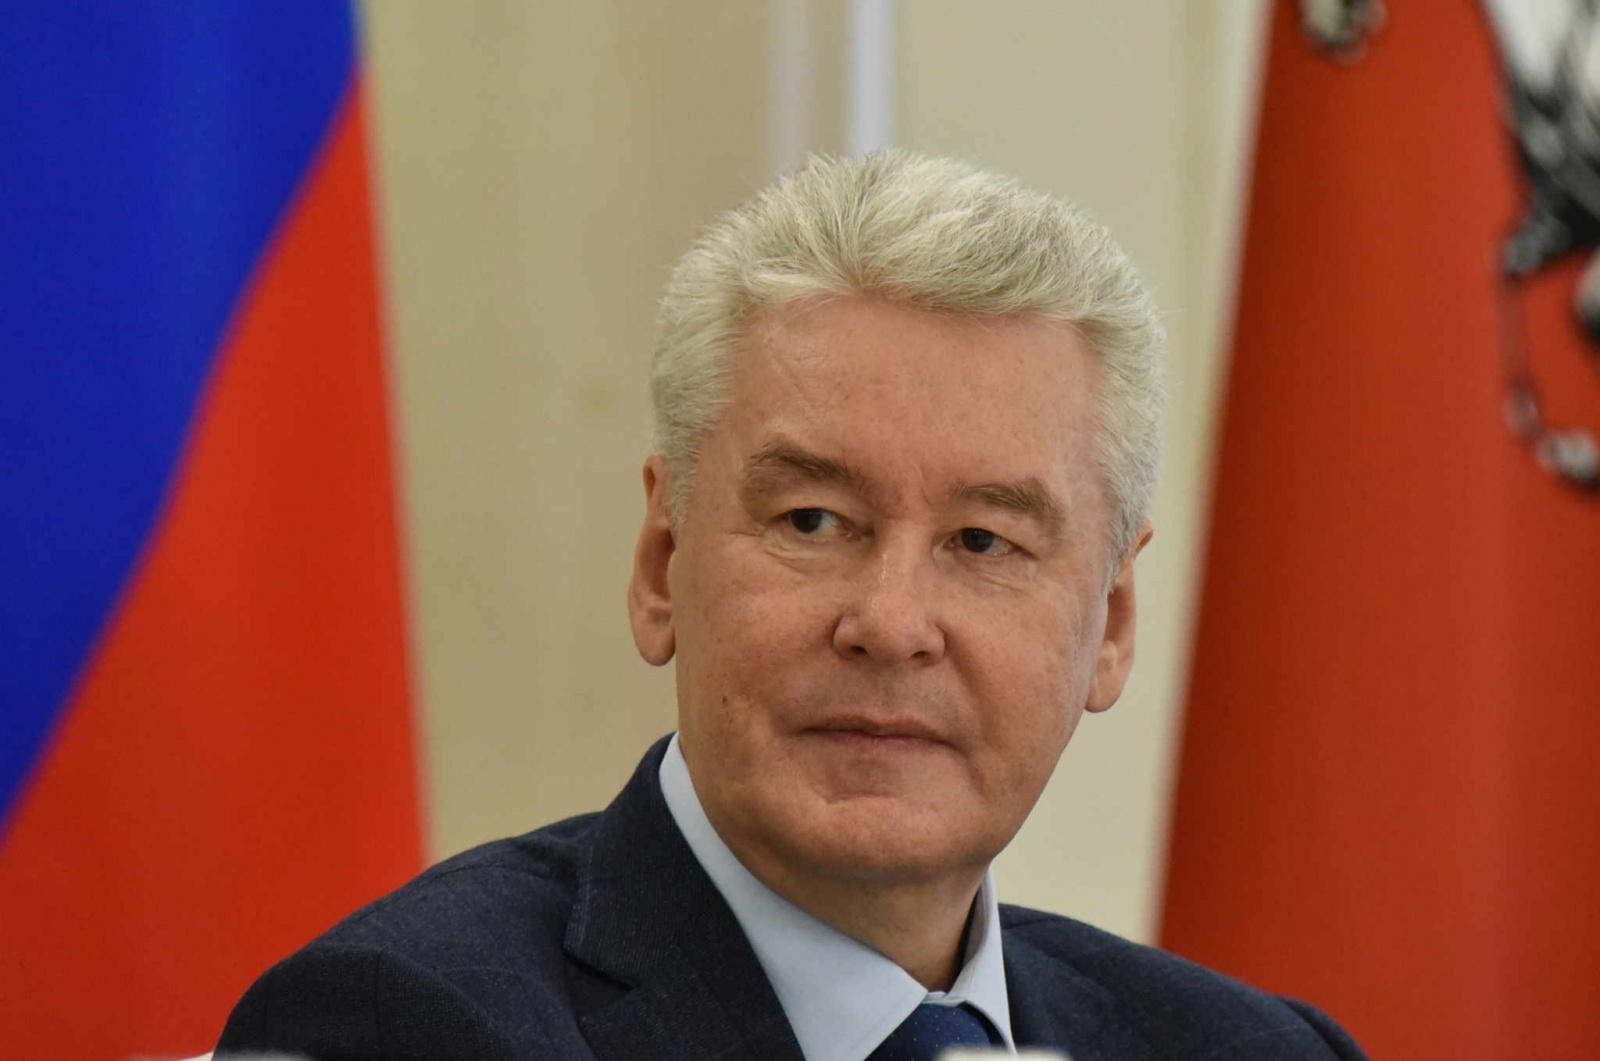 Мэрия Москвы учредила гранты столичным медучреждениям